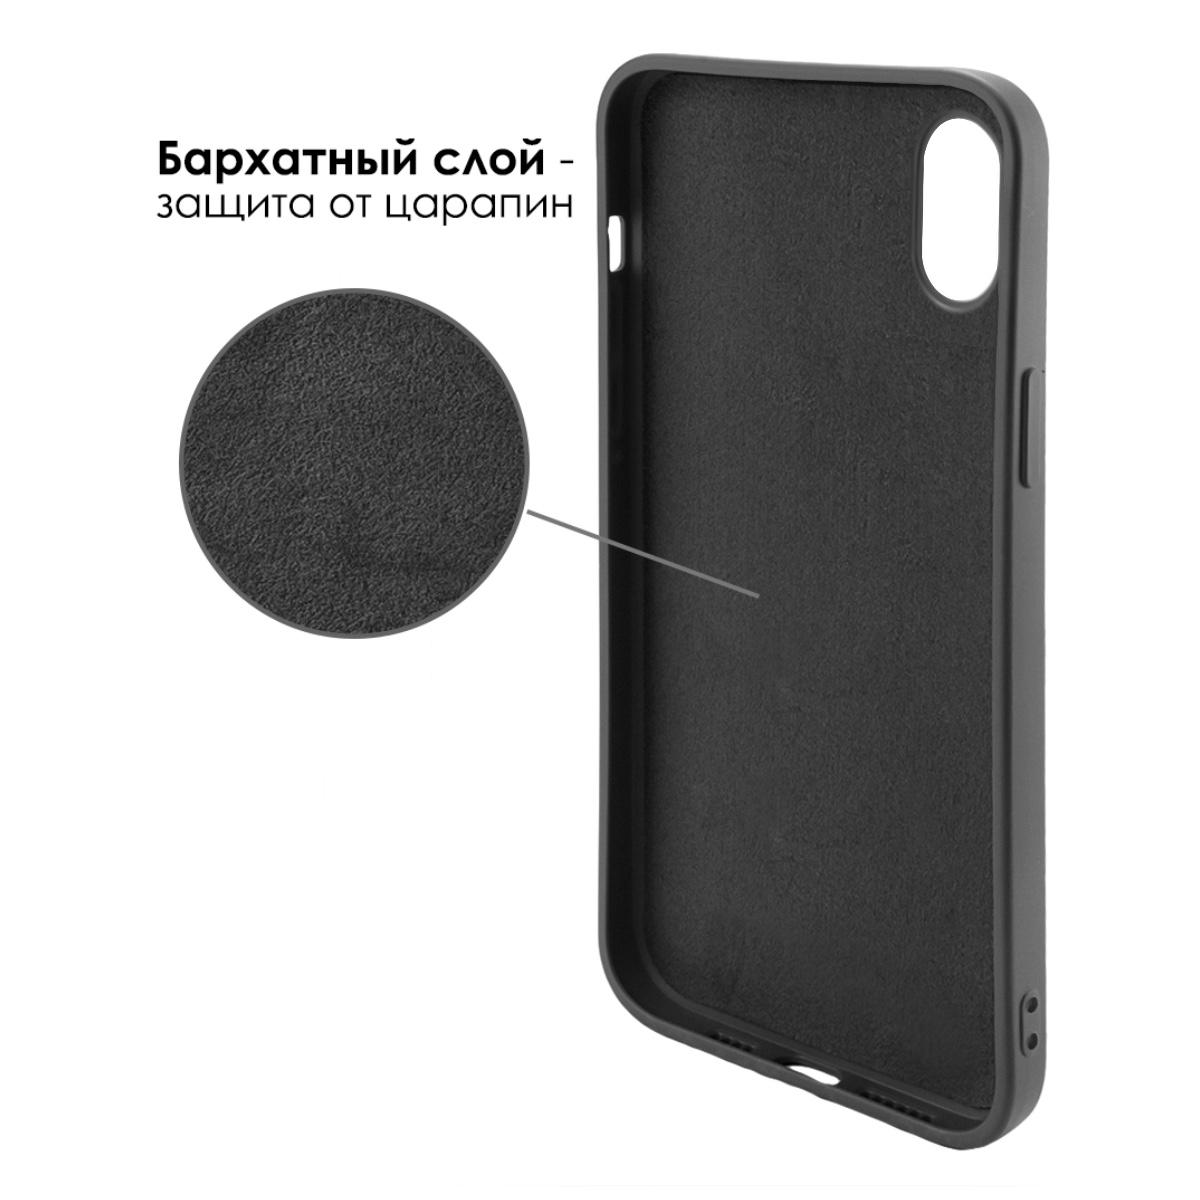 Черный силиконовый чехол для iPhone XsMax Богатая Утка Bad Girl для Айфон 10С Макс